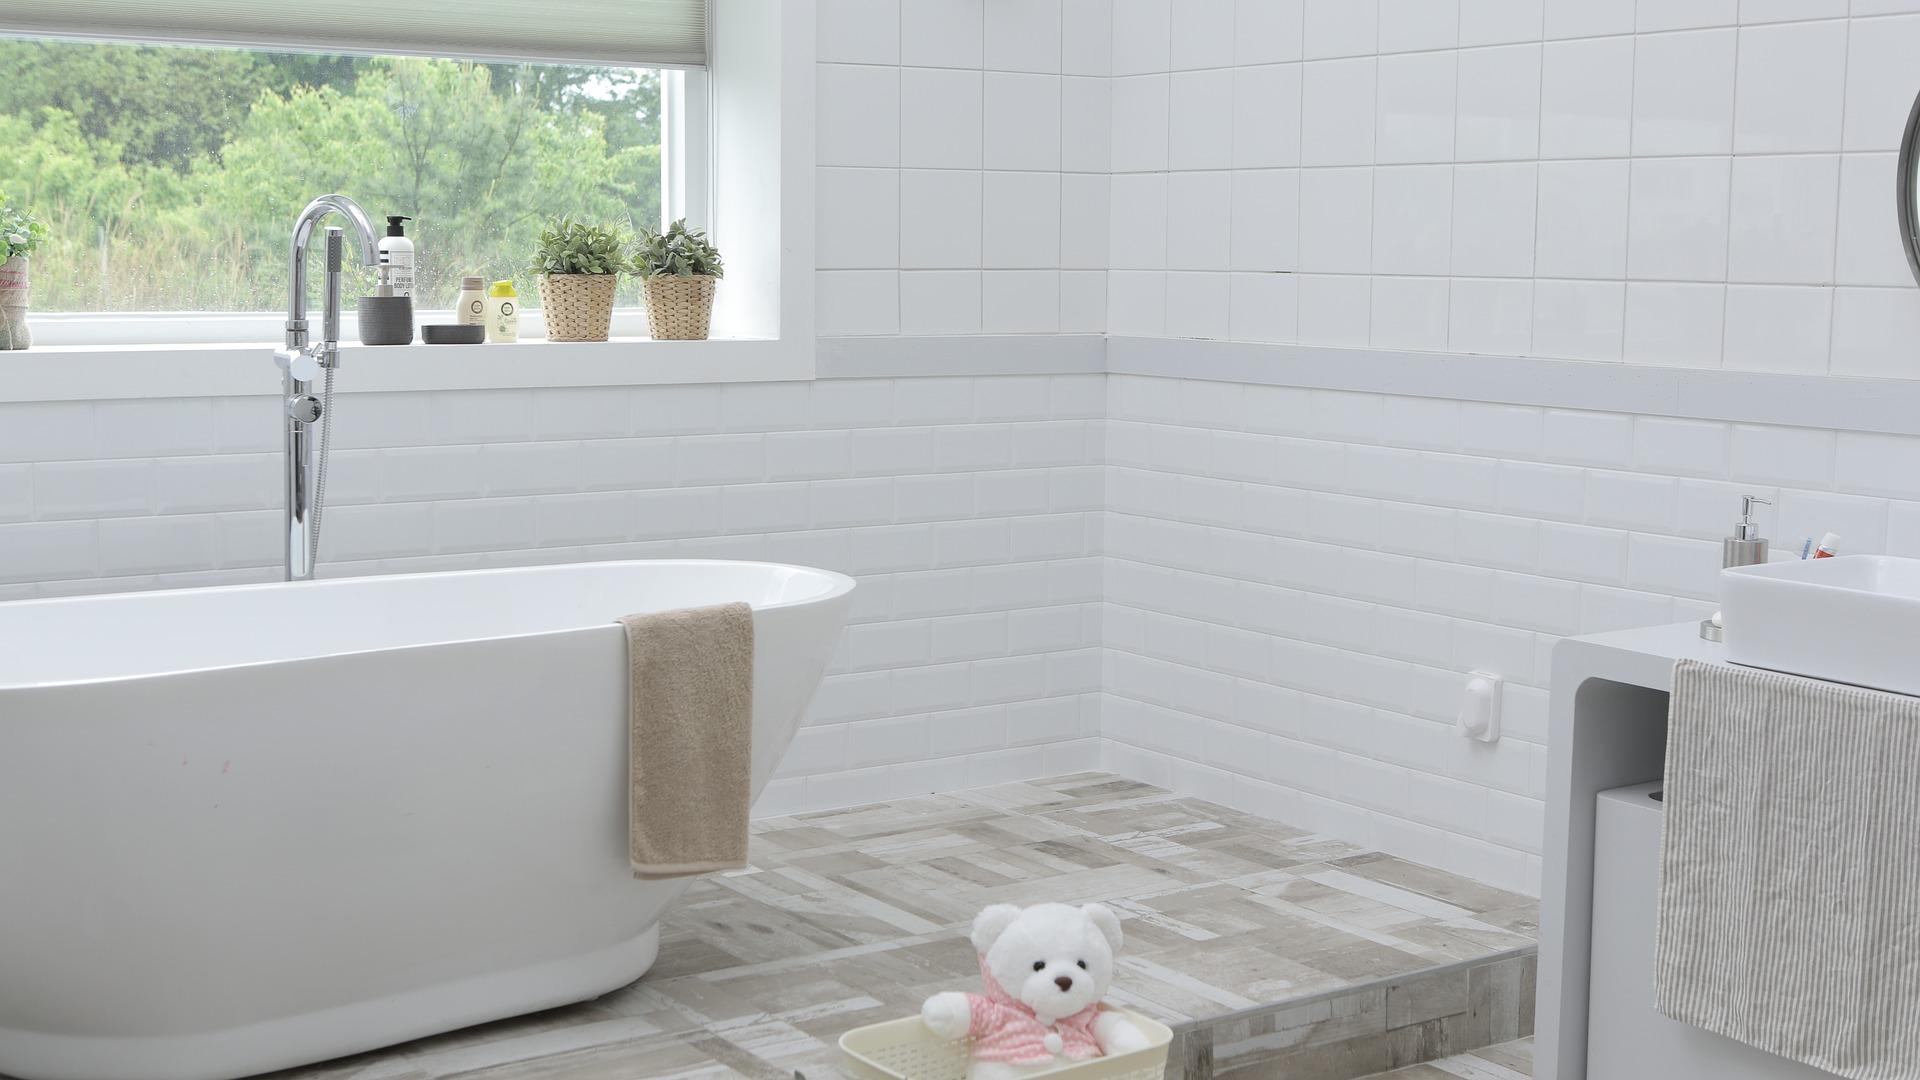 Profitez d'une salle de bain de qualité